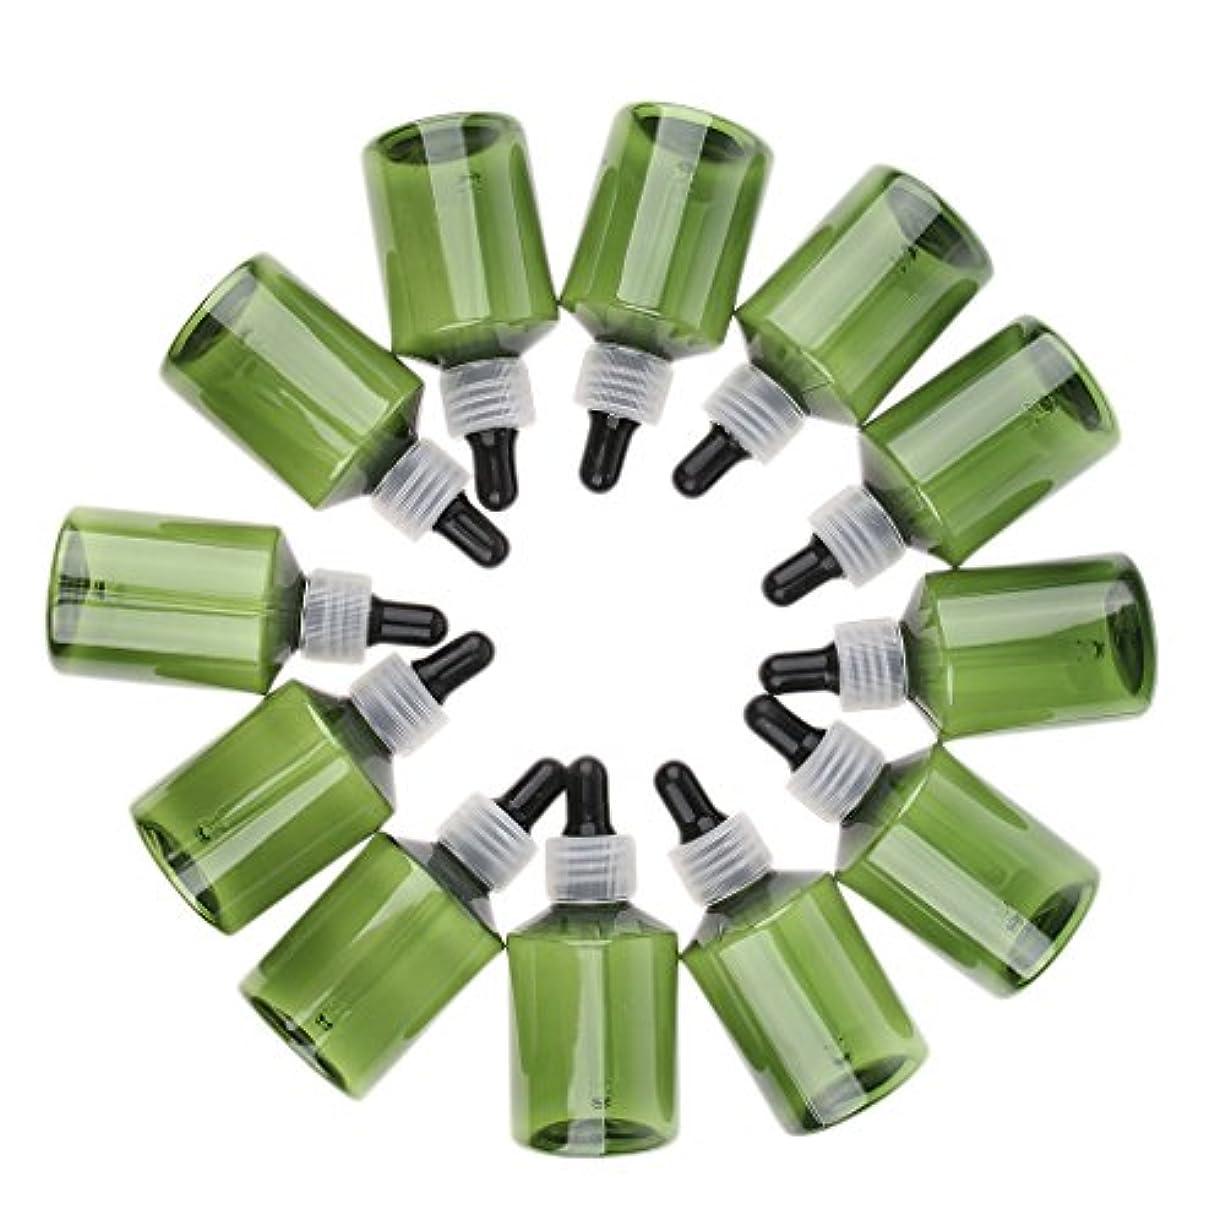 うれしい移行するドラフトドロッパーボトル エッセンシャルオイル 精油ボトル 小分け容器 詰め替え 50ml 6仕様選べ - クリアキャップブラックドロッパー